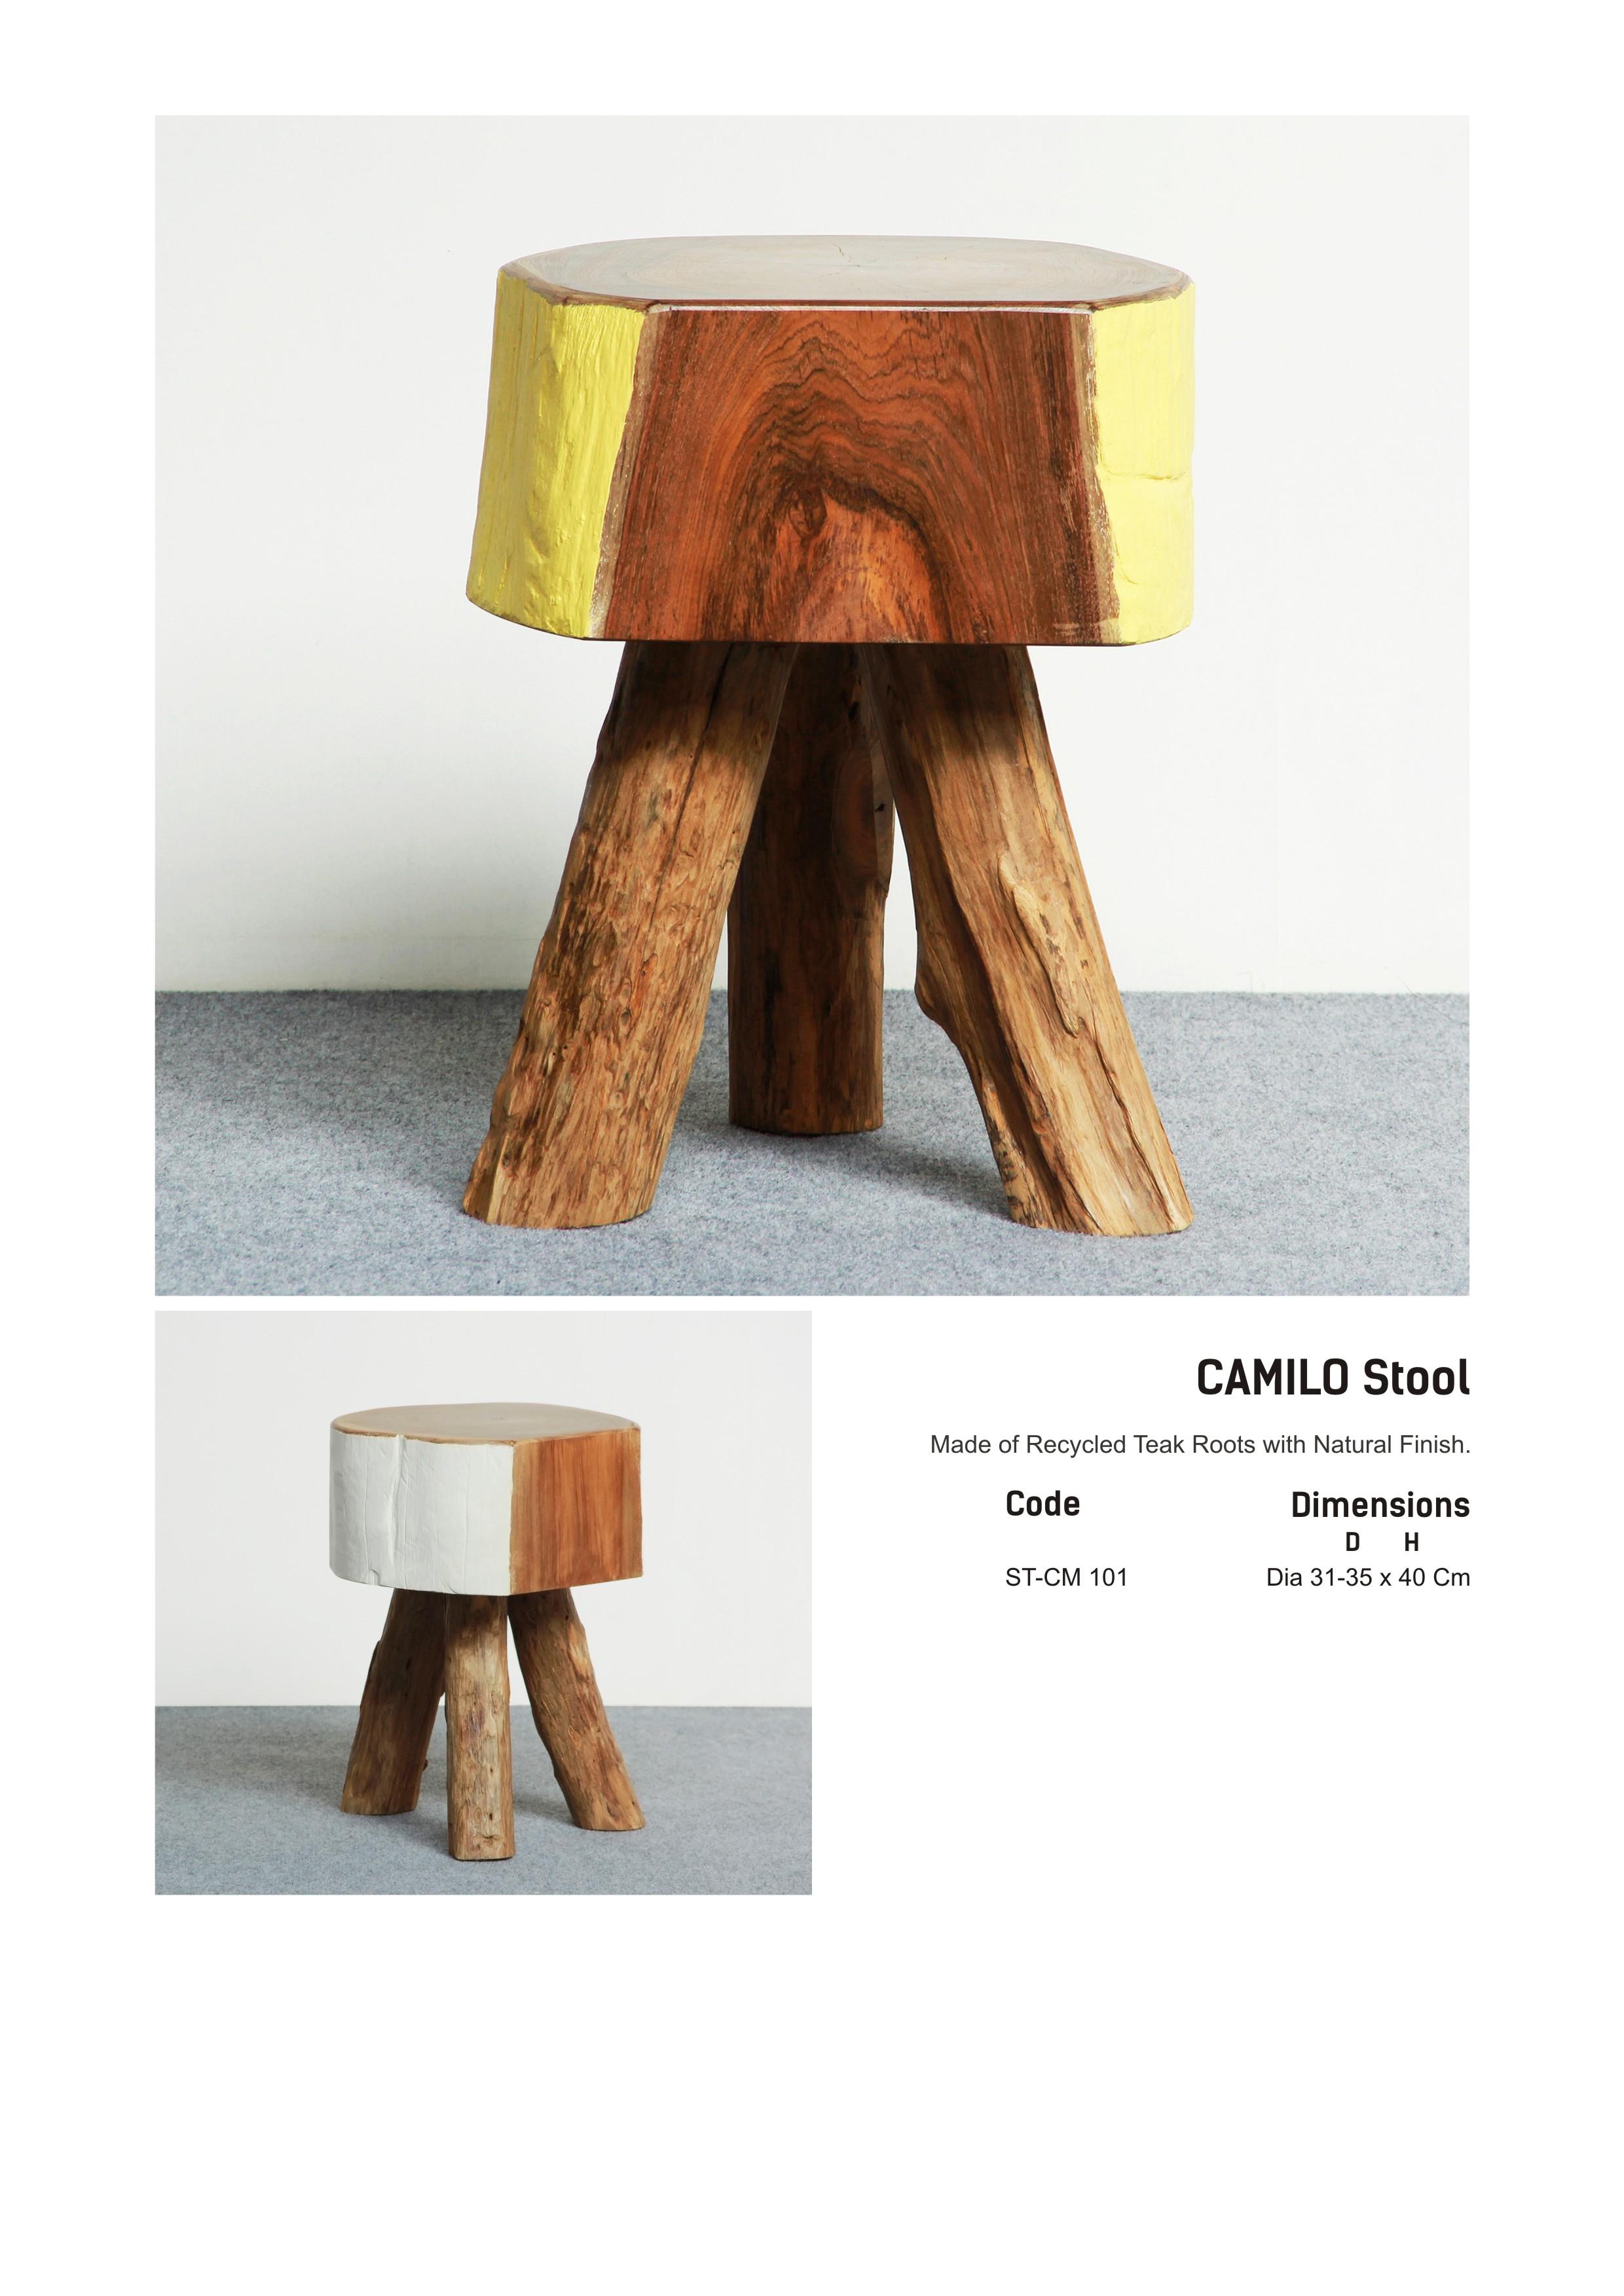 14. CAMILO - Stool